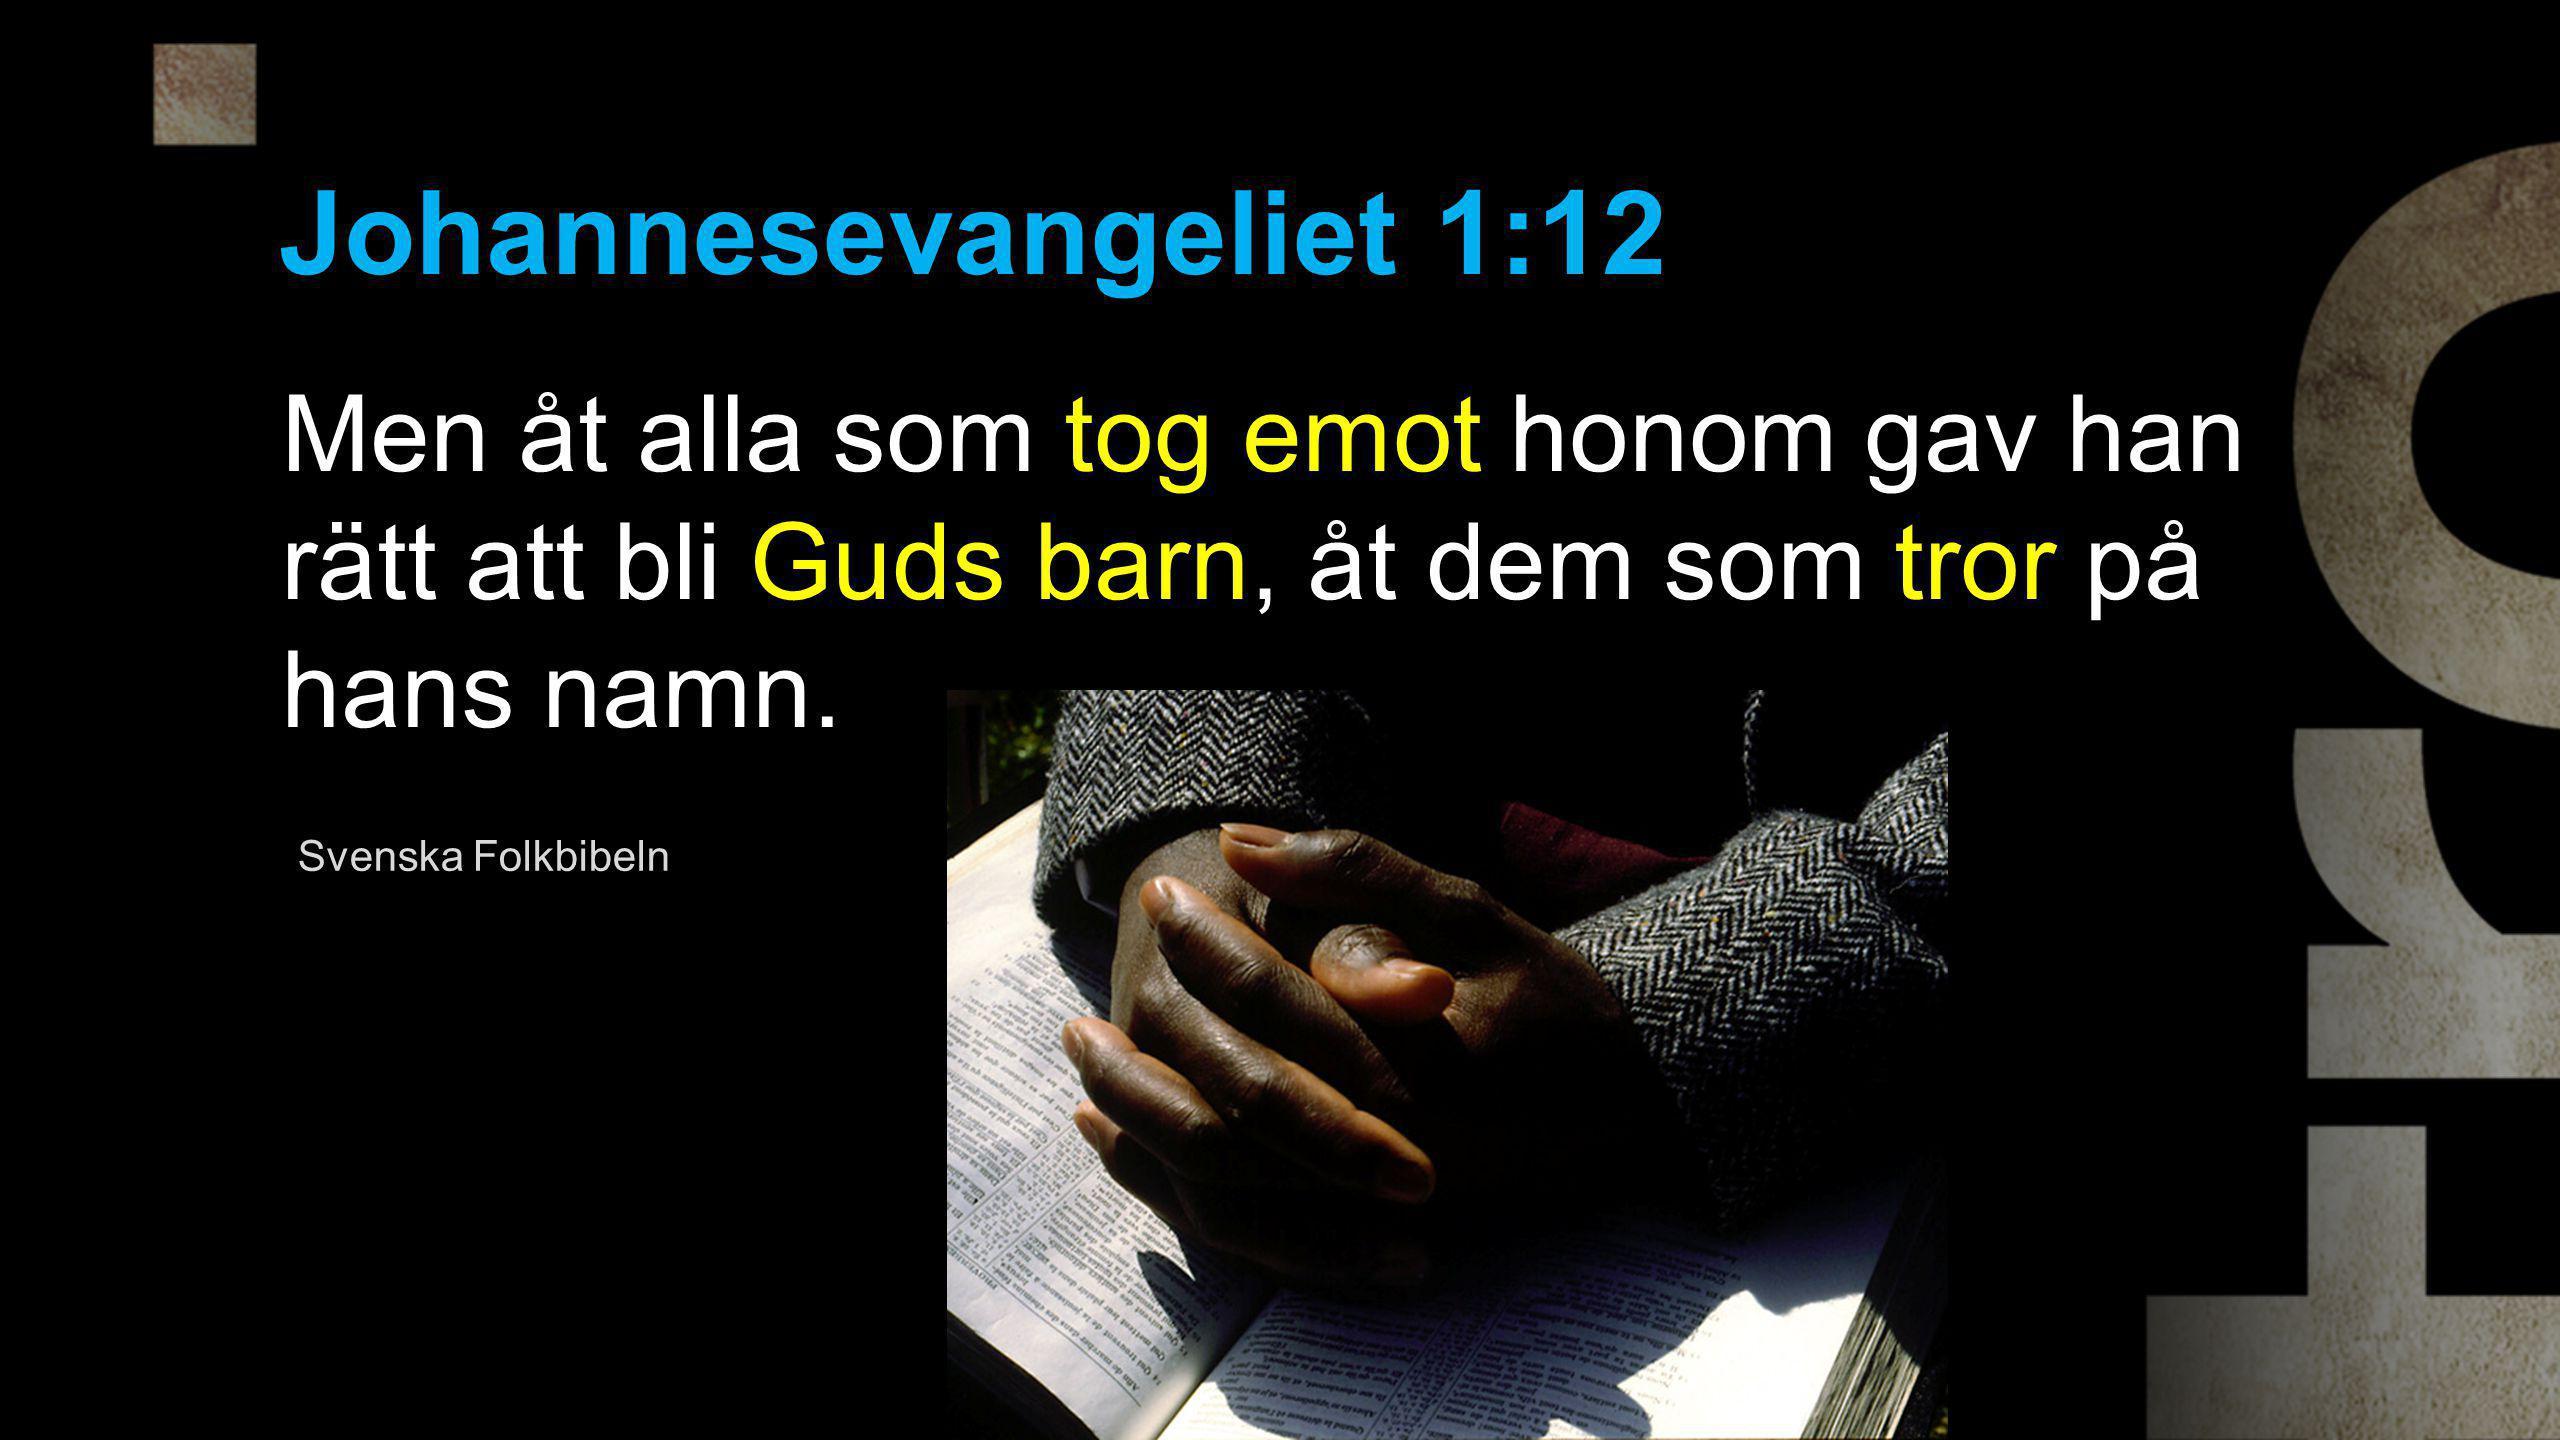 Johannesevangeliet 1:12 Men åt alla som tog emot honom gav han rätt att bli Guds barn, åt dem som tror på hans namn. Svenska Folkbibeln